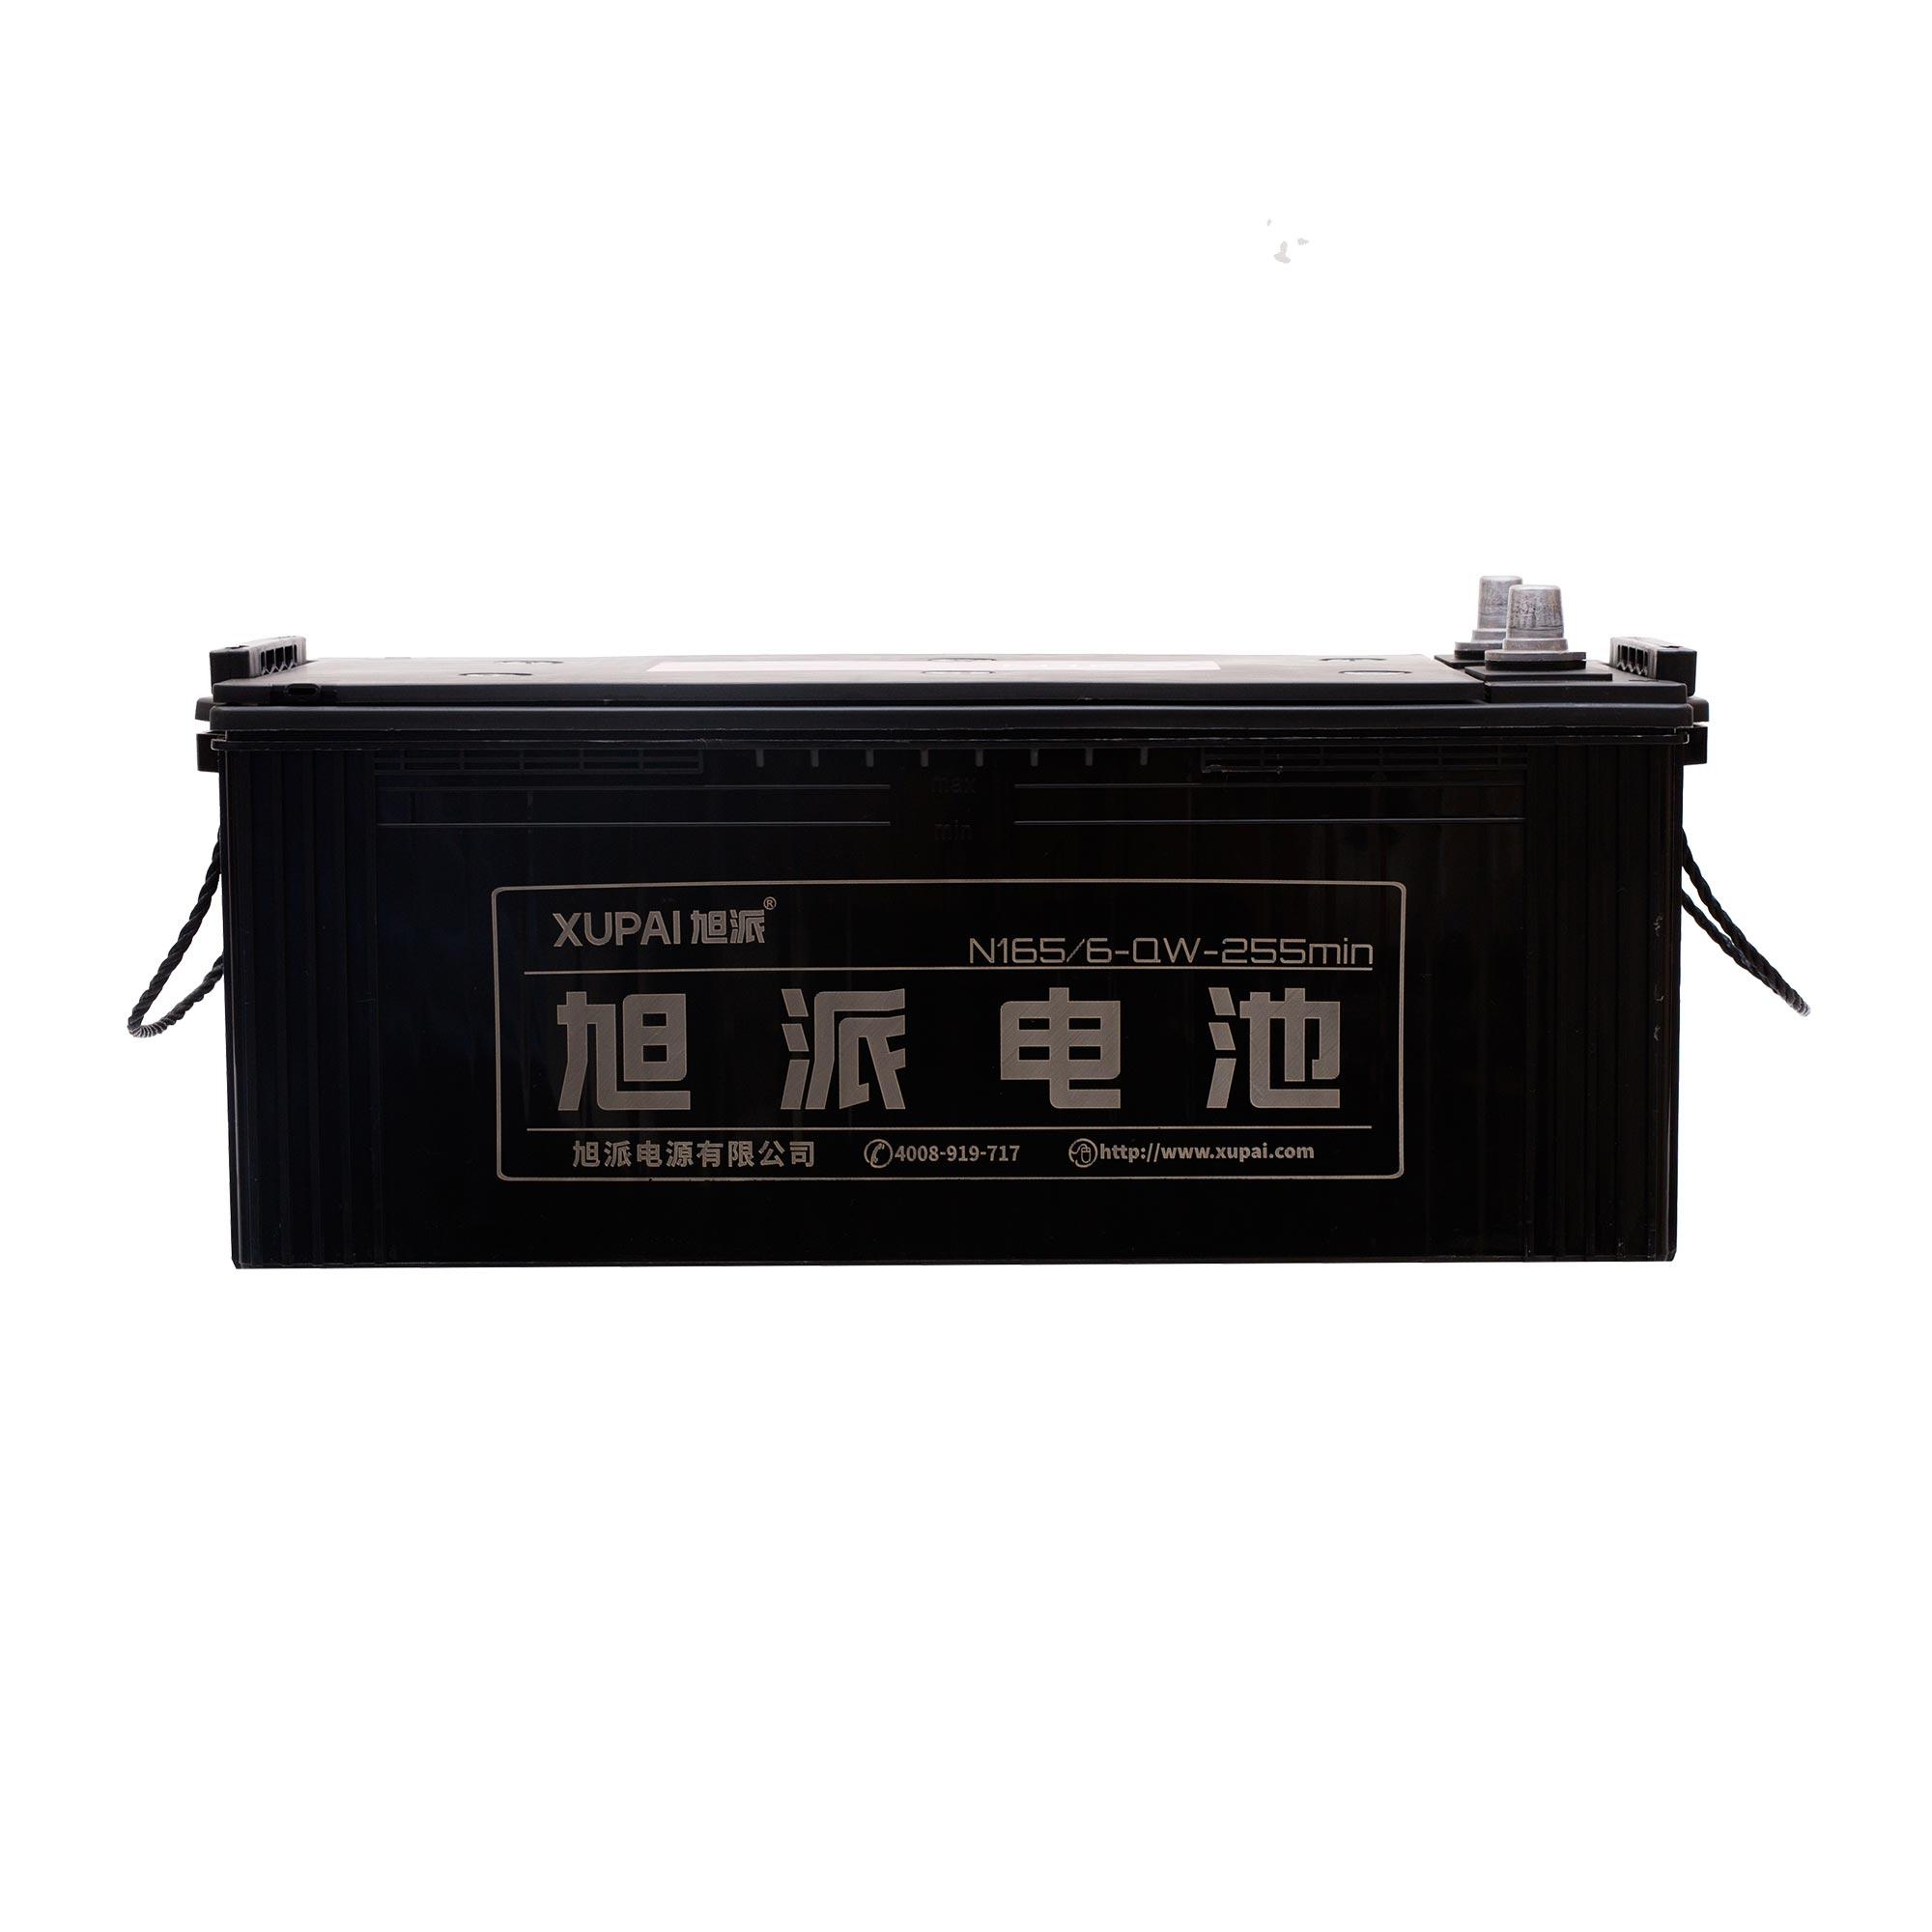 旭派6-QW-255MIN/N165长寿命汽车起动电池